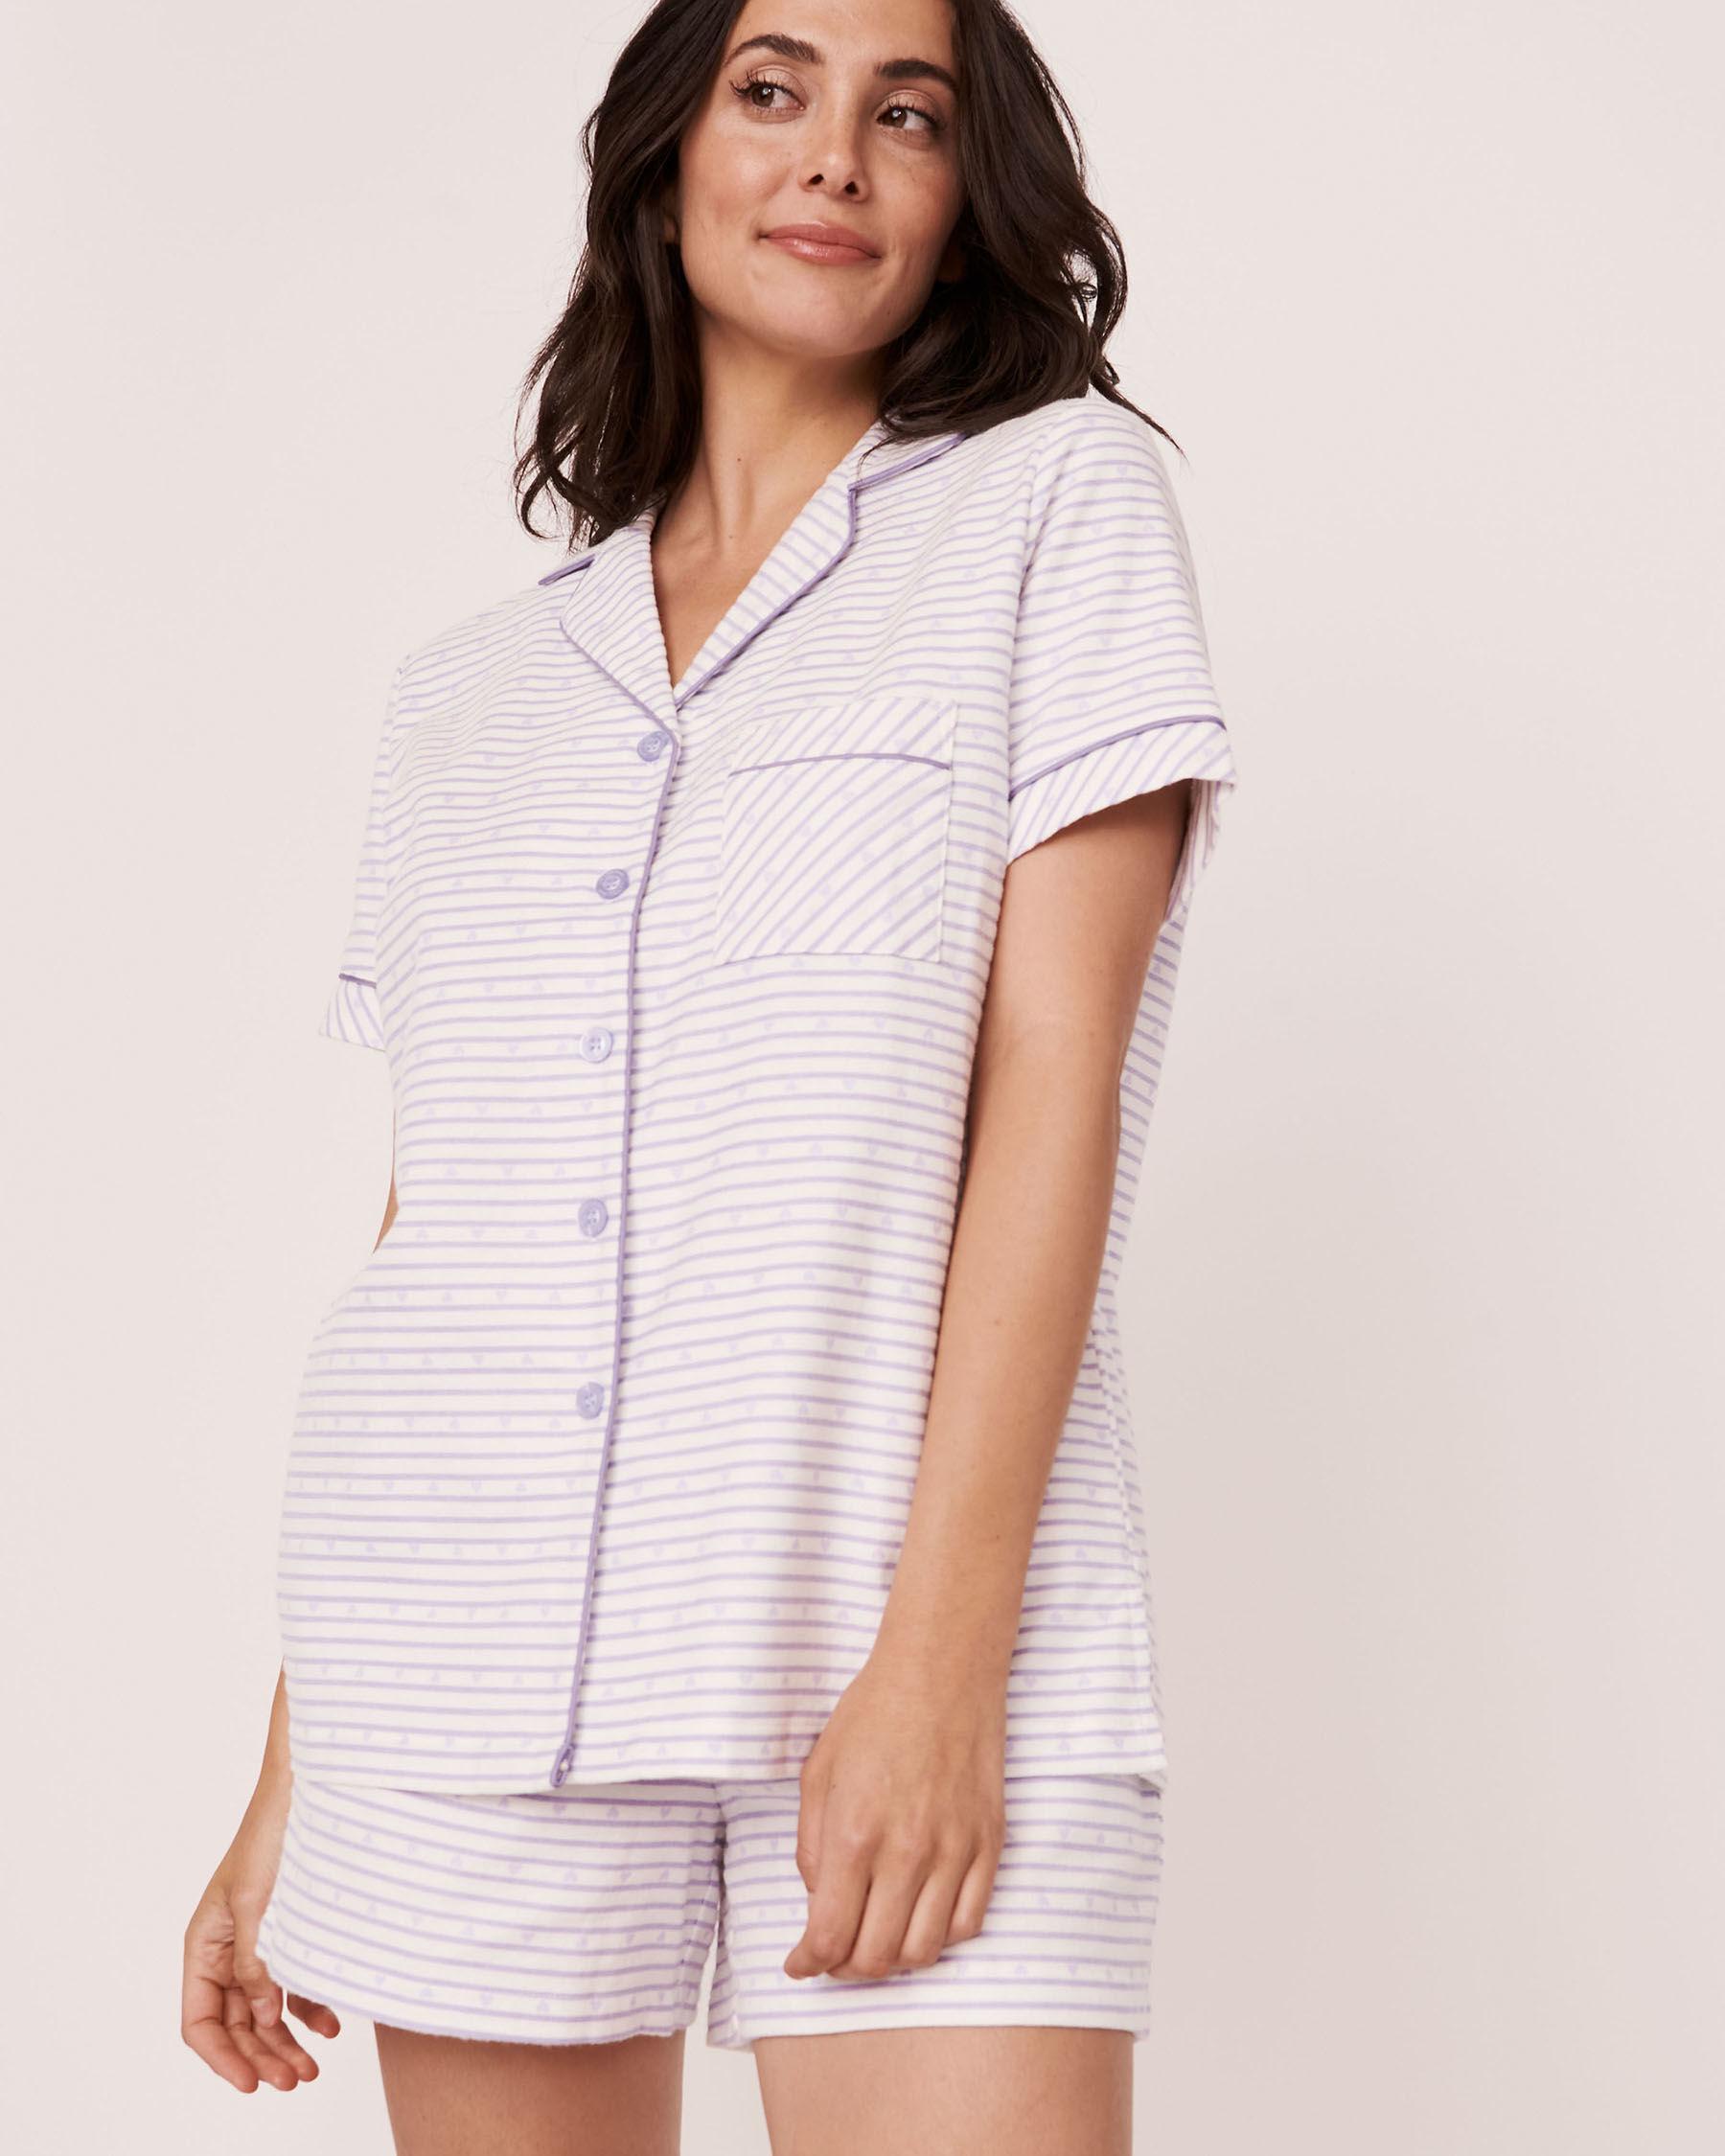 LA VIE EN ROSE Flannel Short PJ Set Stripes 40400011 - View1